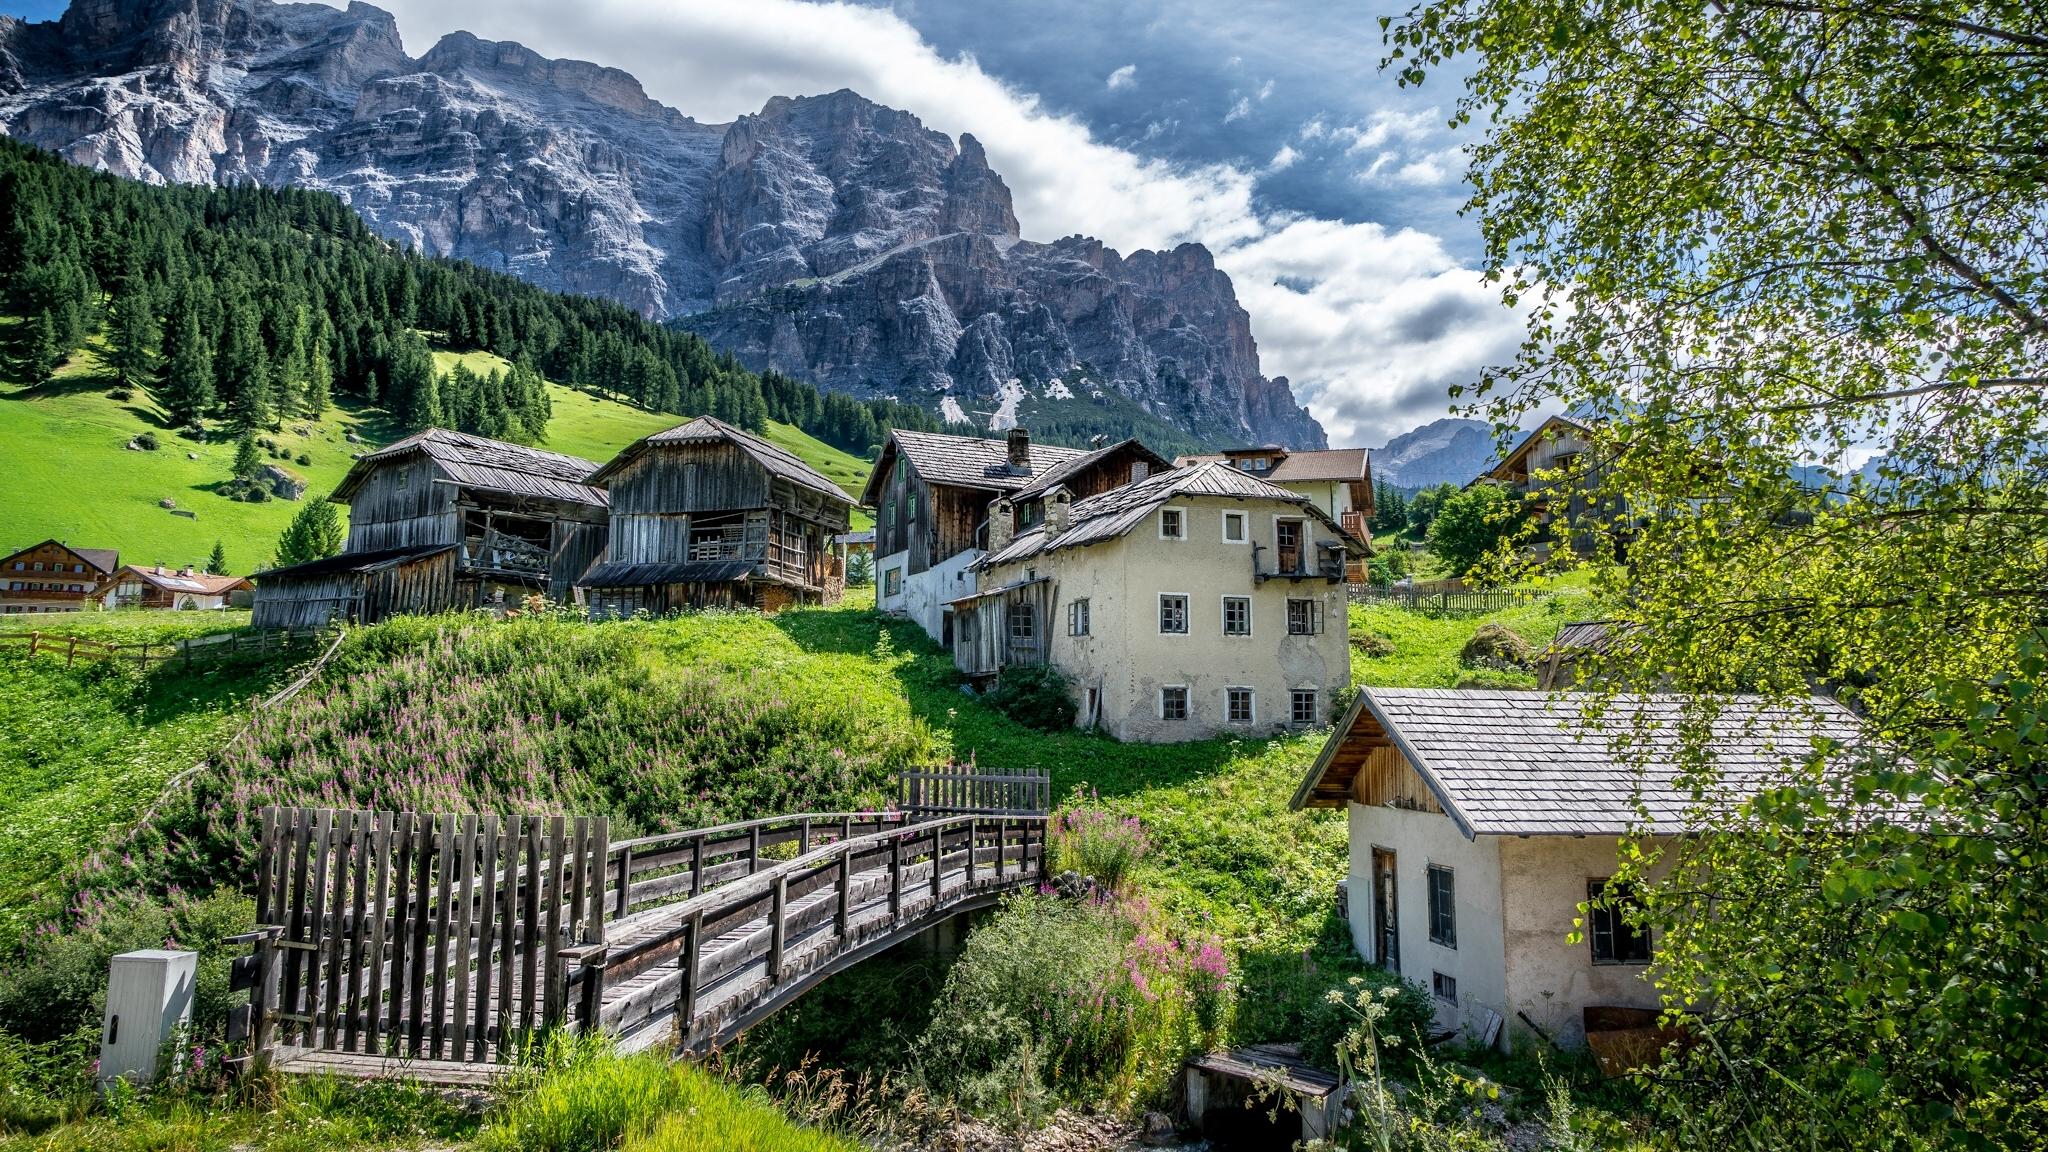 обои на рабочий стол альпийская деревня что они догнали